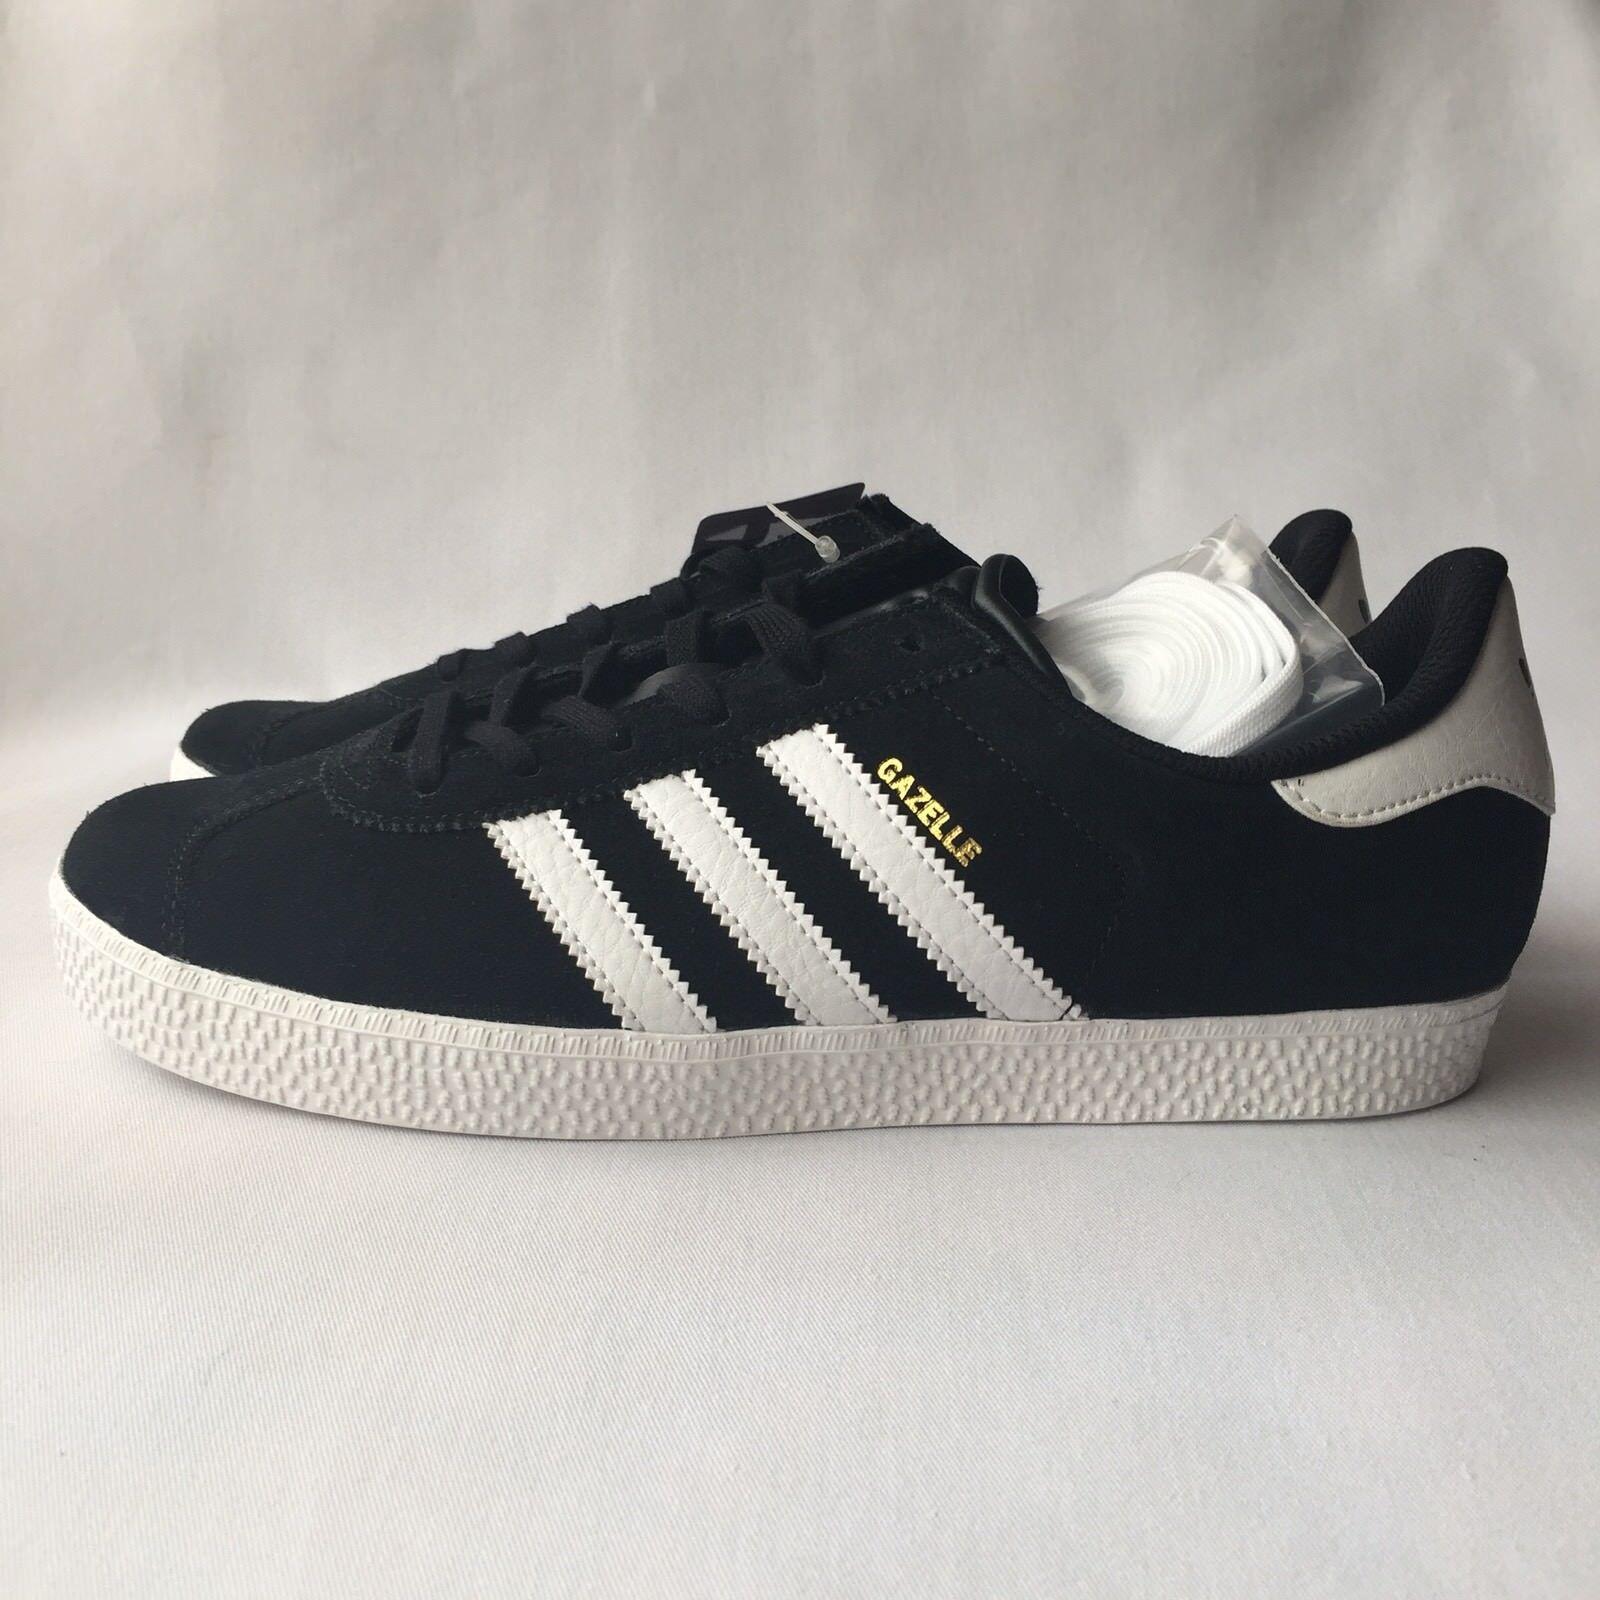 adidas Originals Gazelle Herren Sneakers Schwarze Wildleder Sneakers S32247 Größe 7